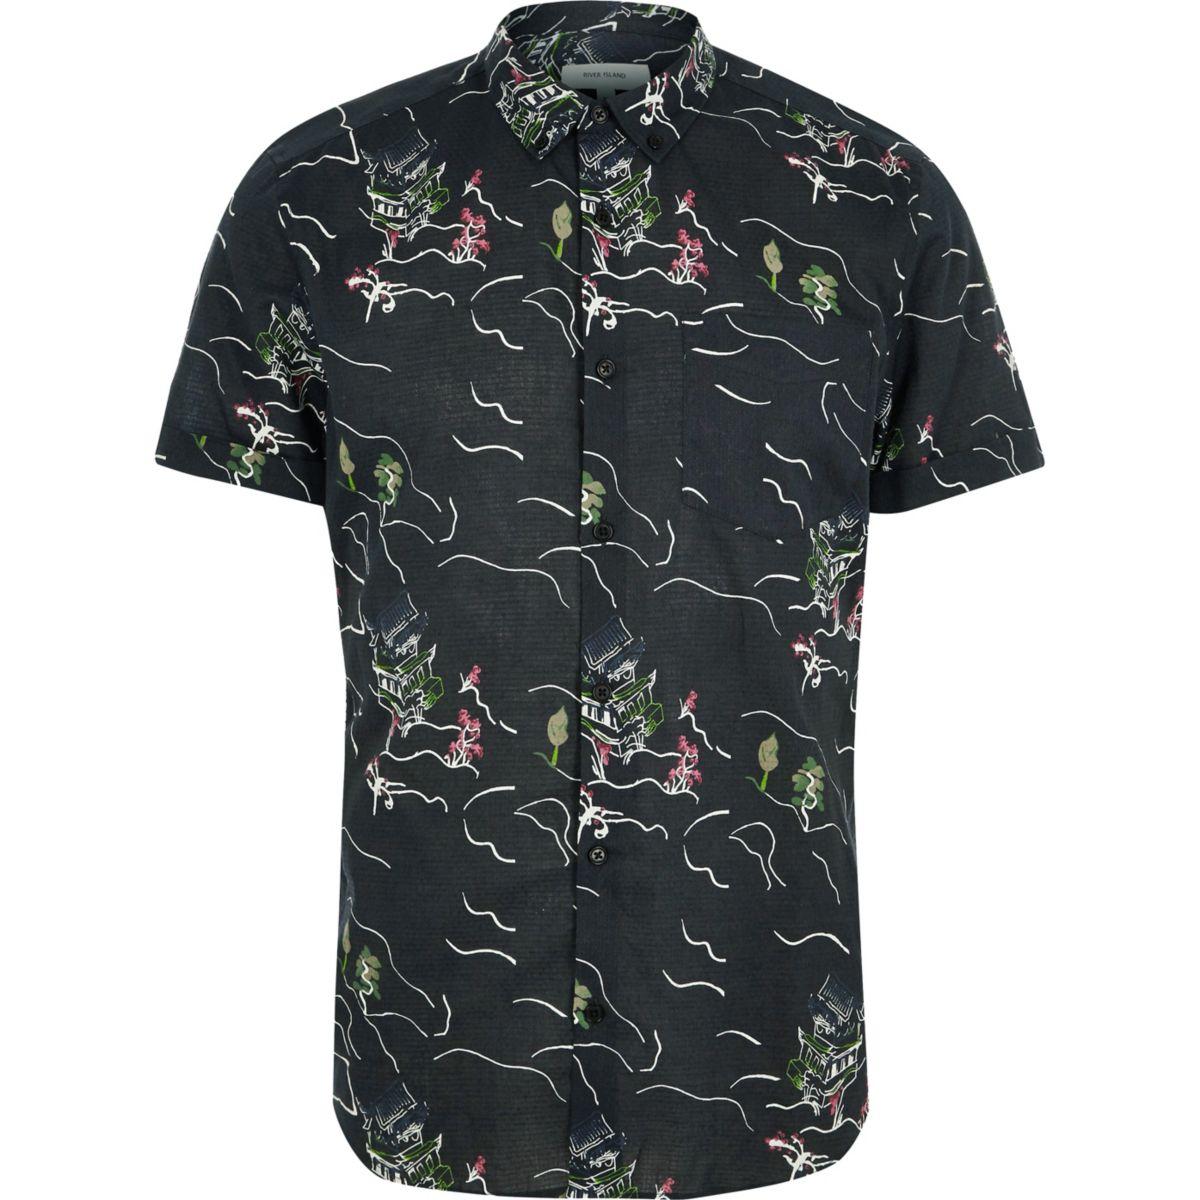 Chemise manches courtes noire à imprimé oriental